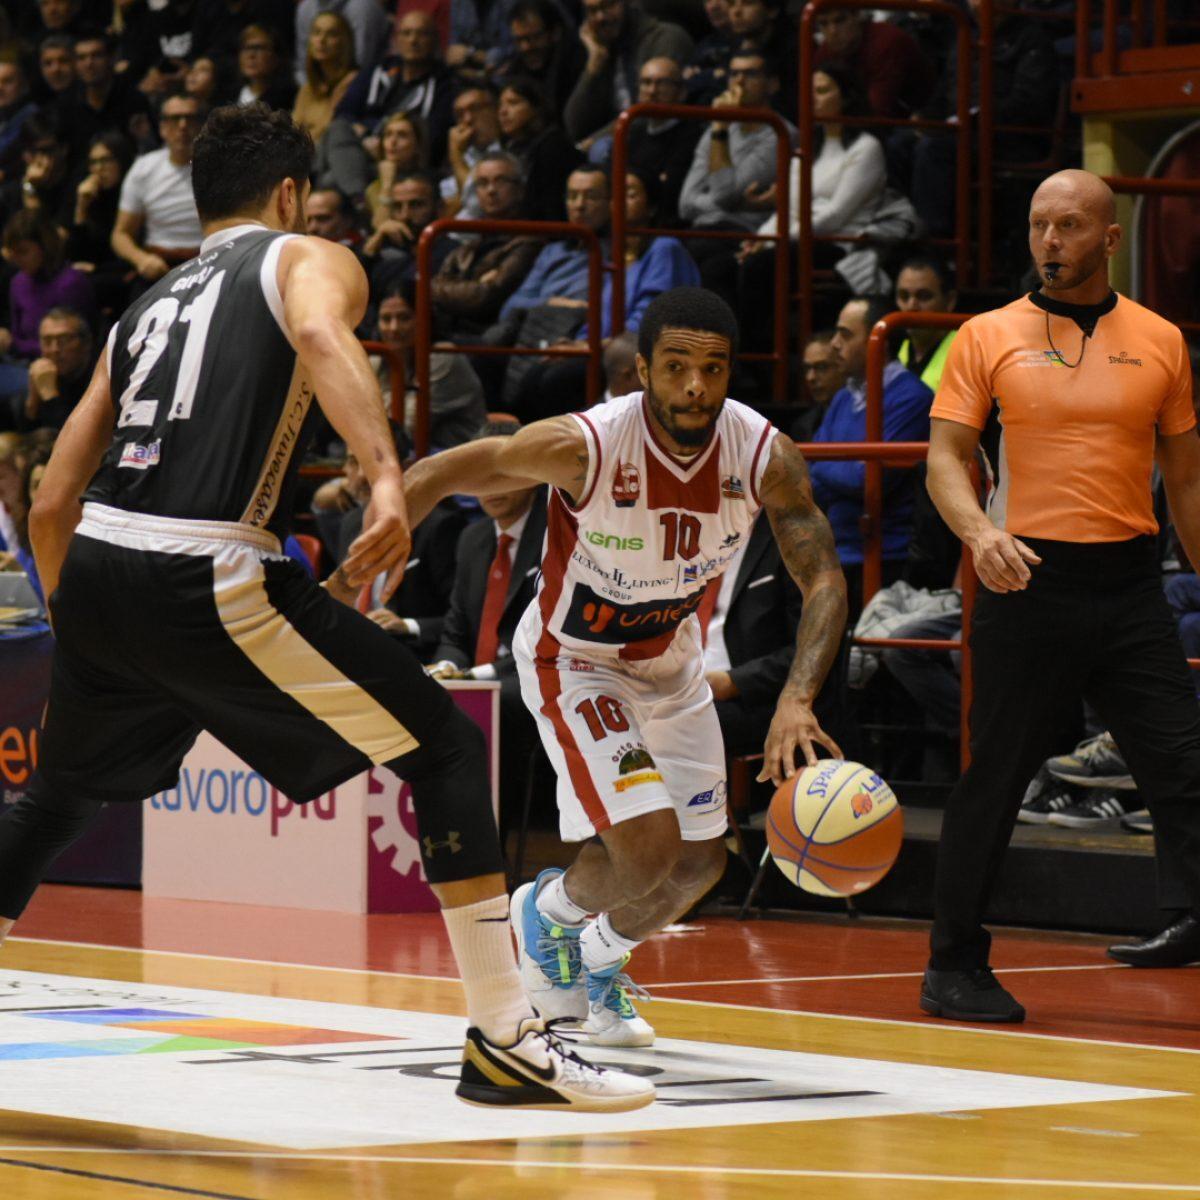 Basket, venerdì 20 dicembre stop agli abbonamenti per l'Unieuro